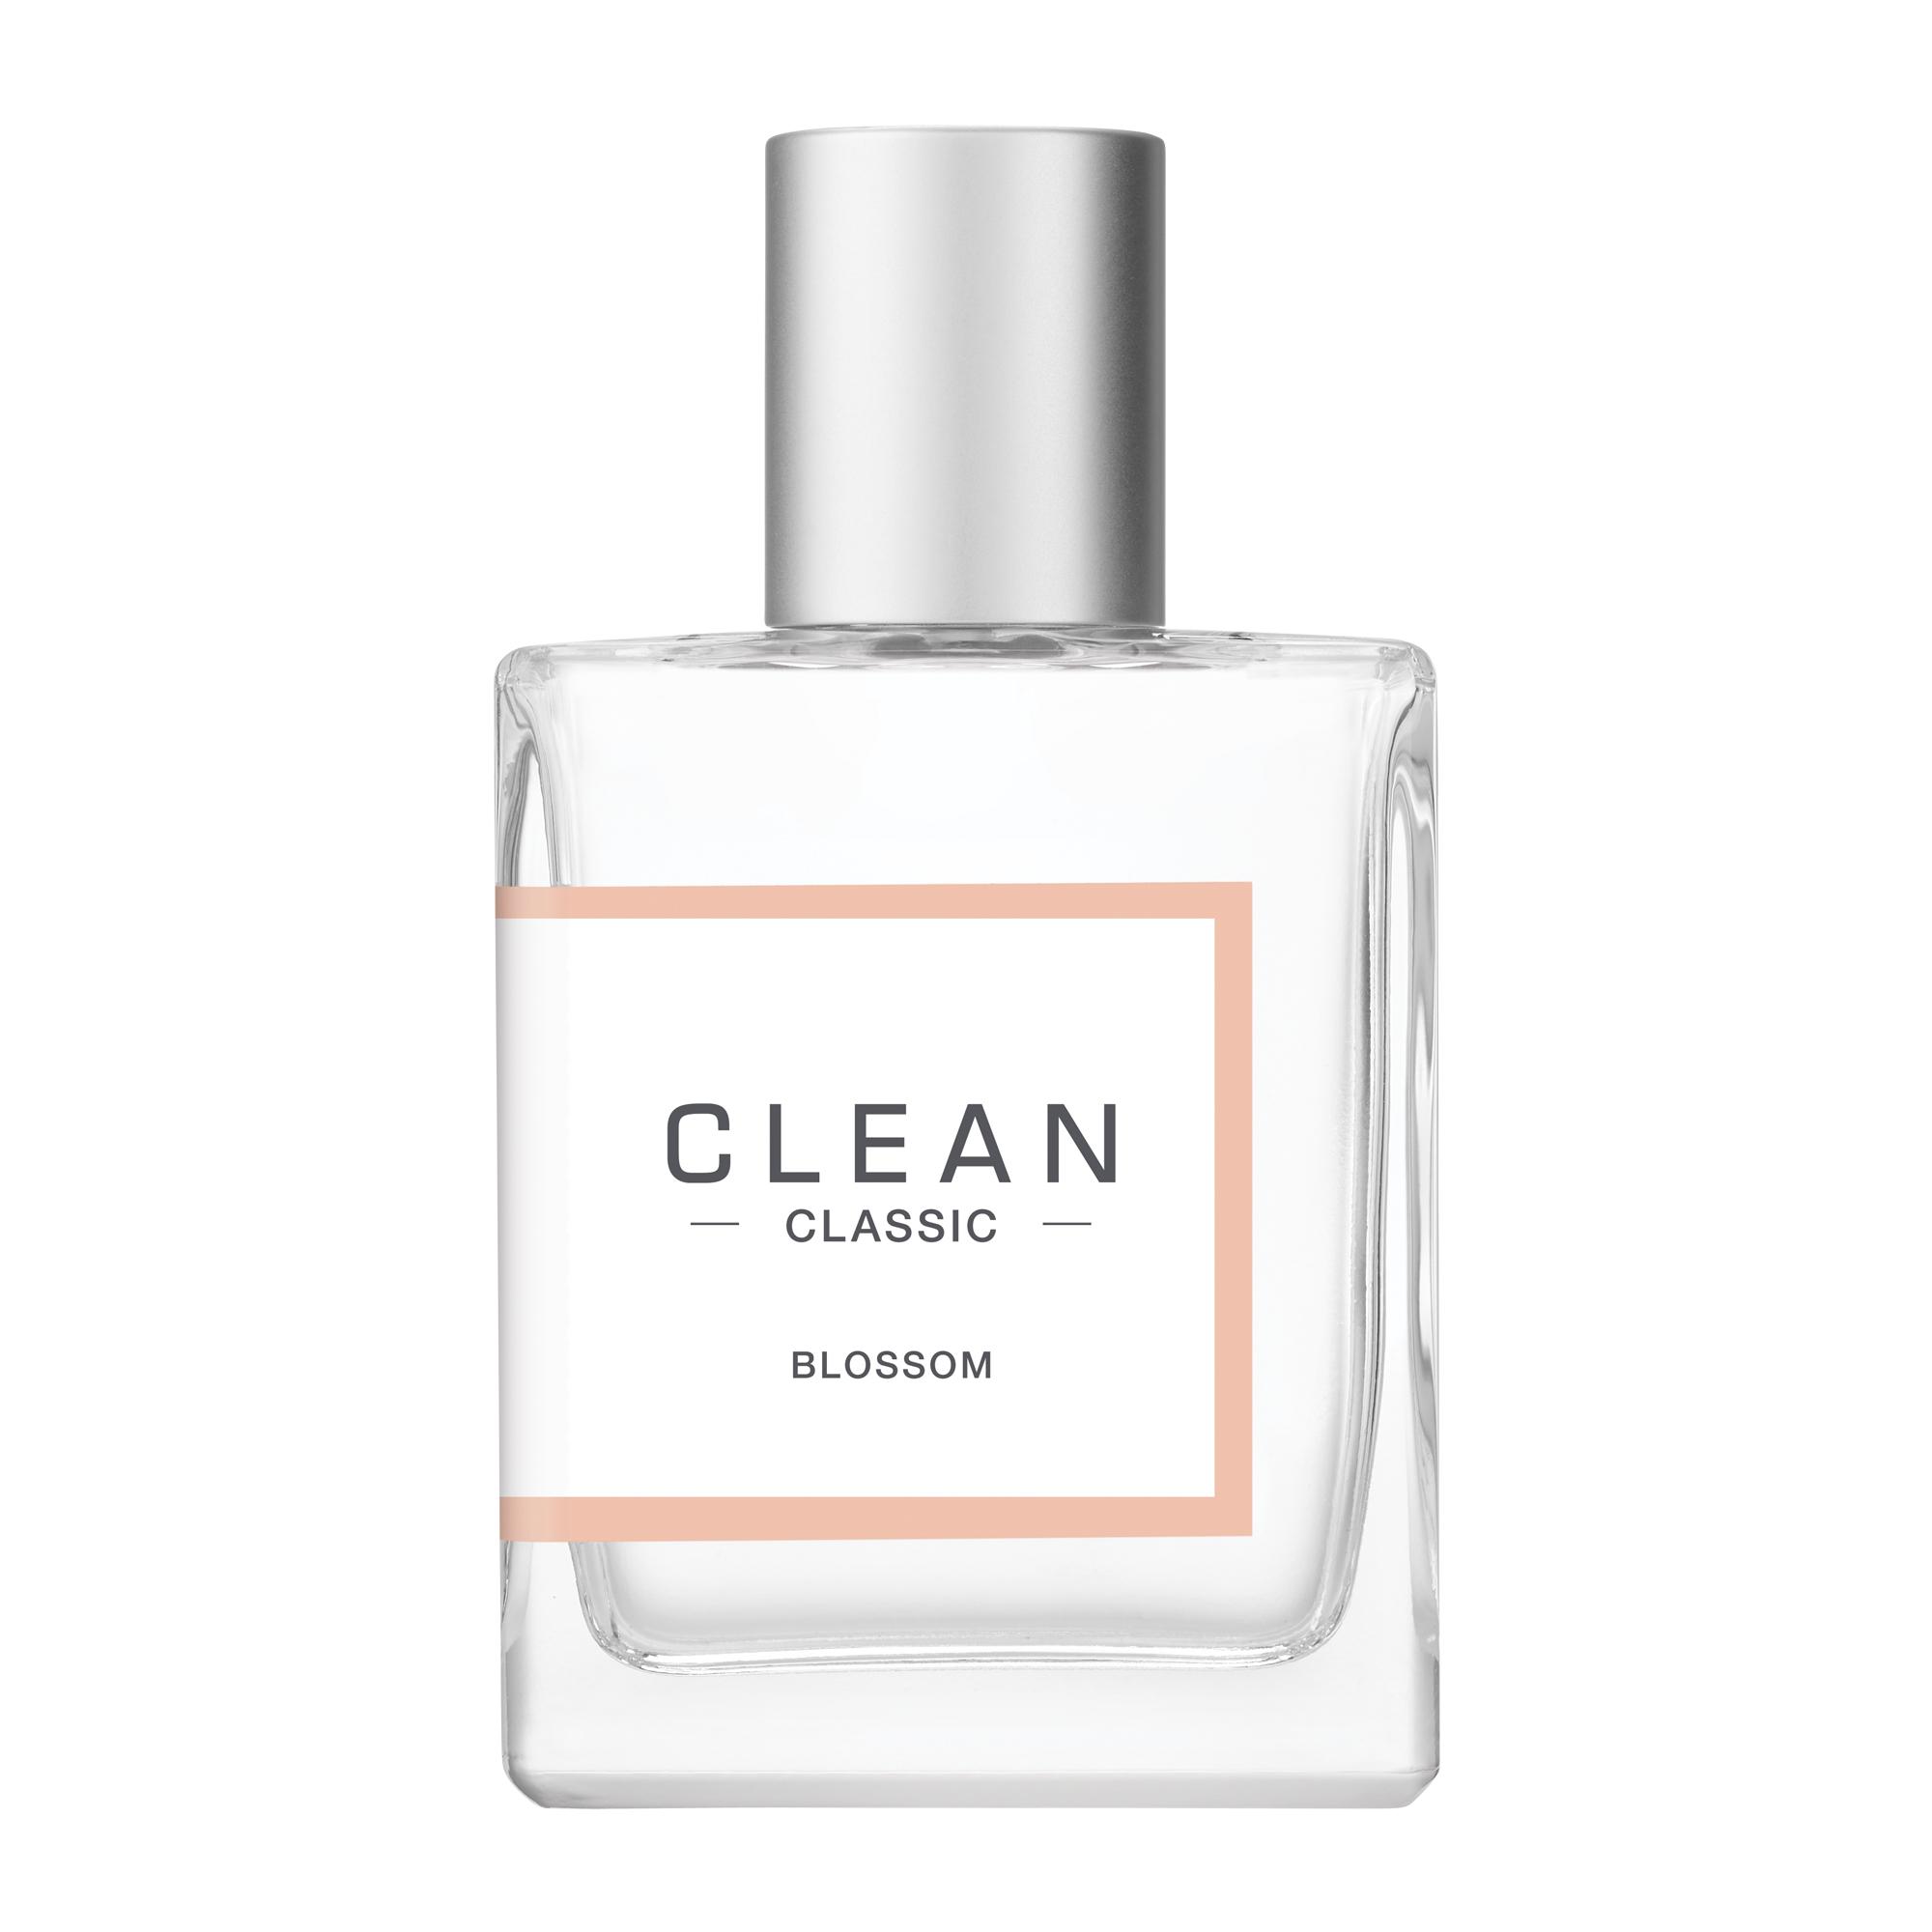 CLEAN Blossom EDP, 60 ml